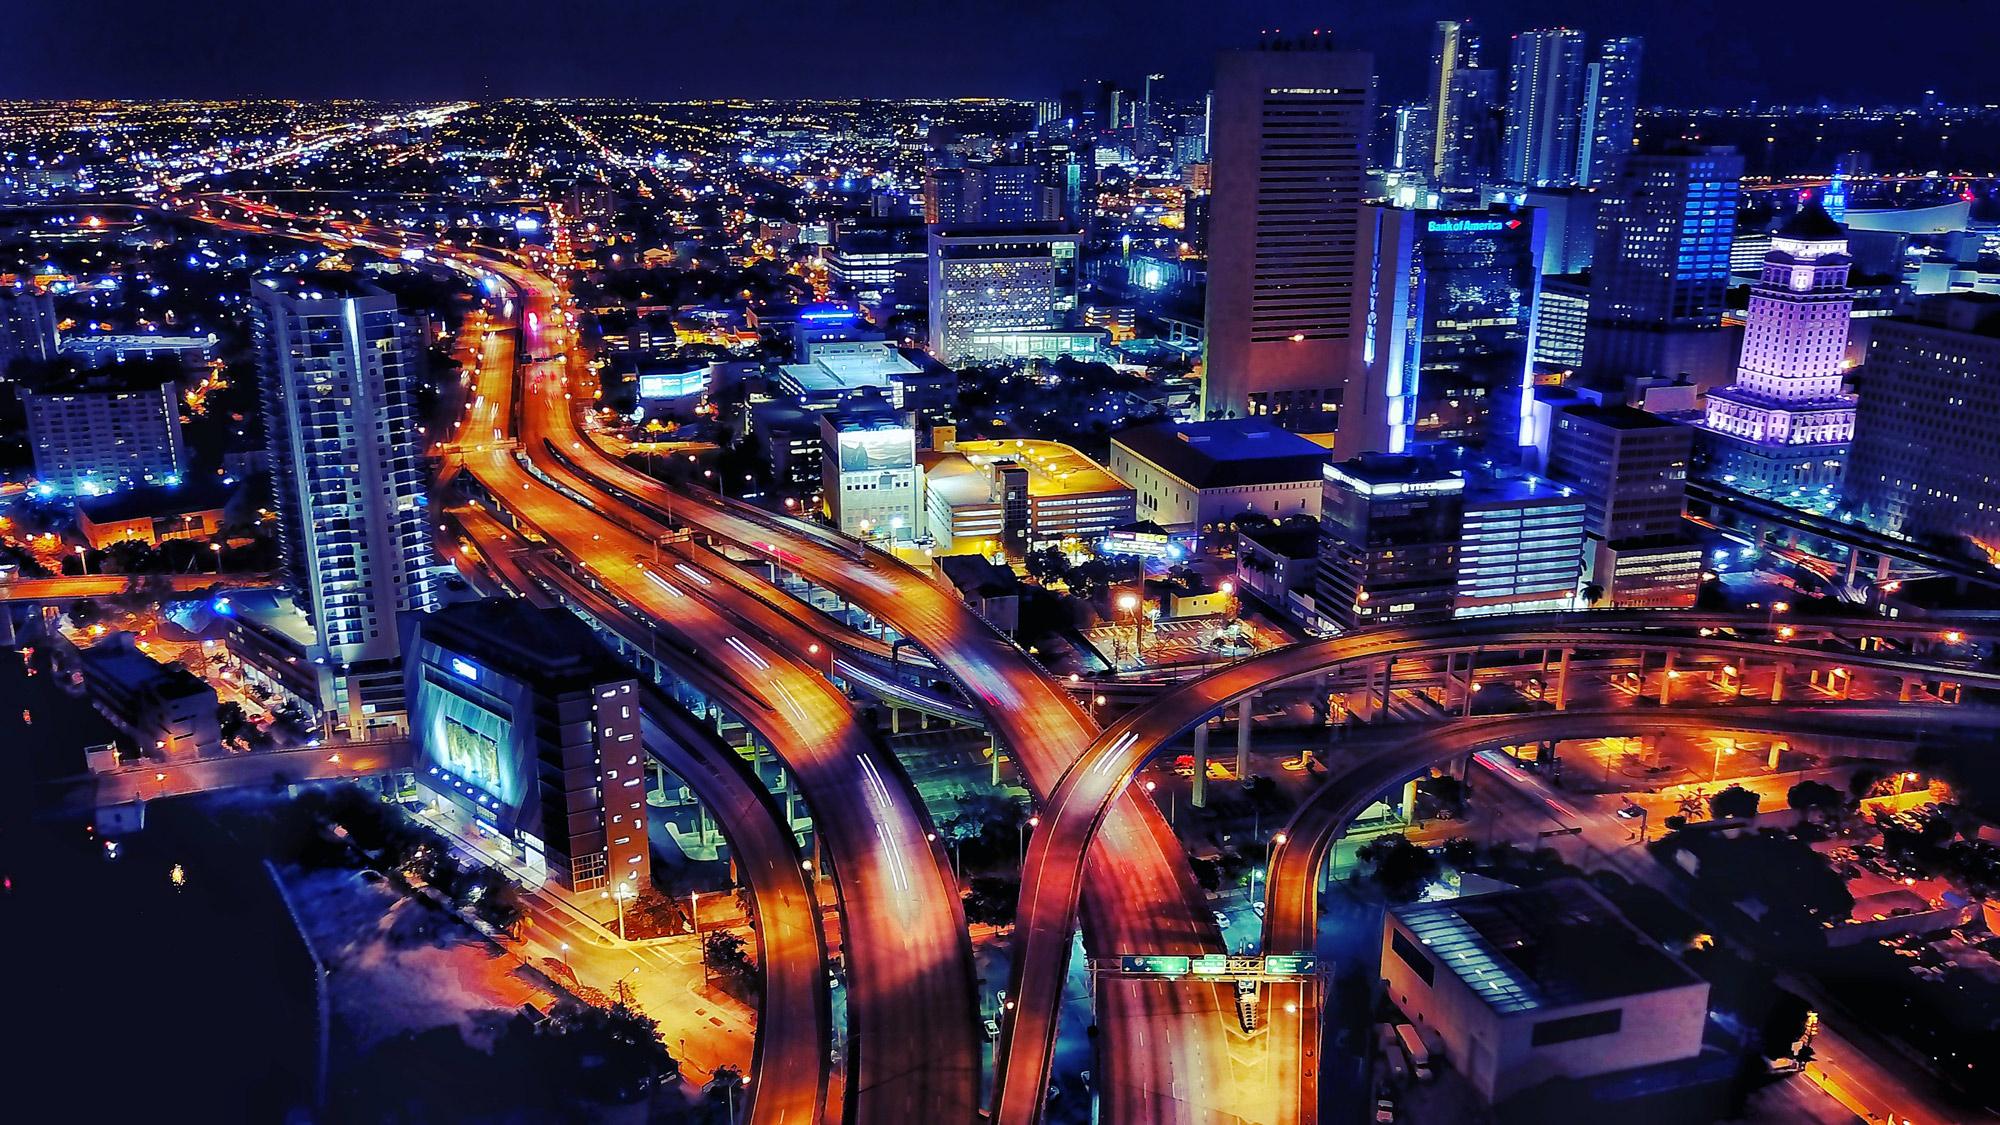 تصویربرداری هوایی در شب